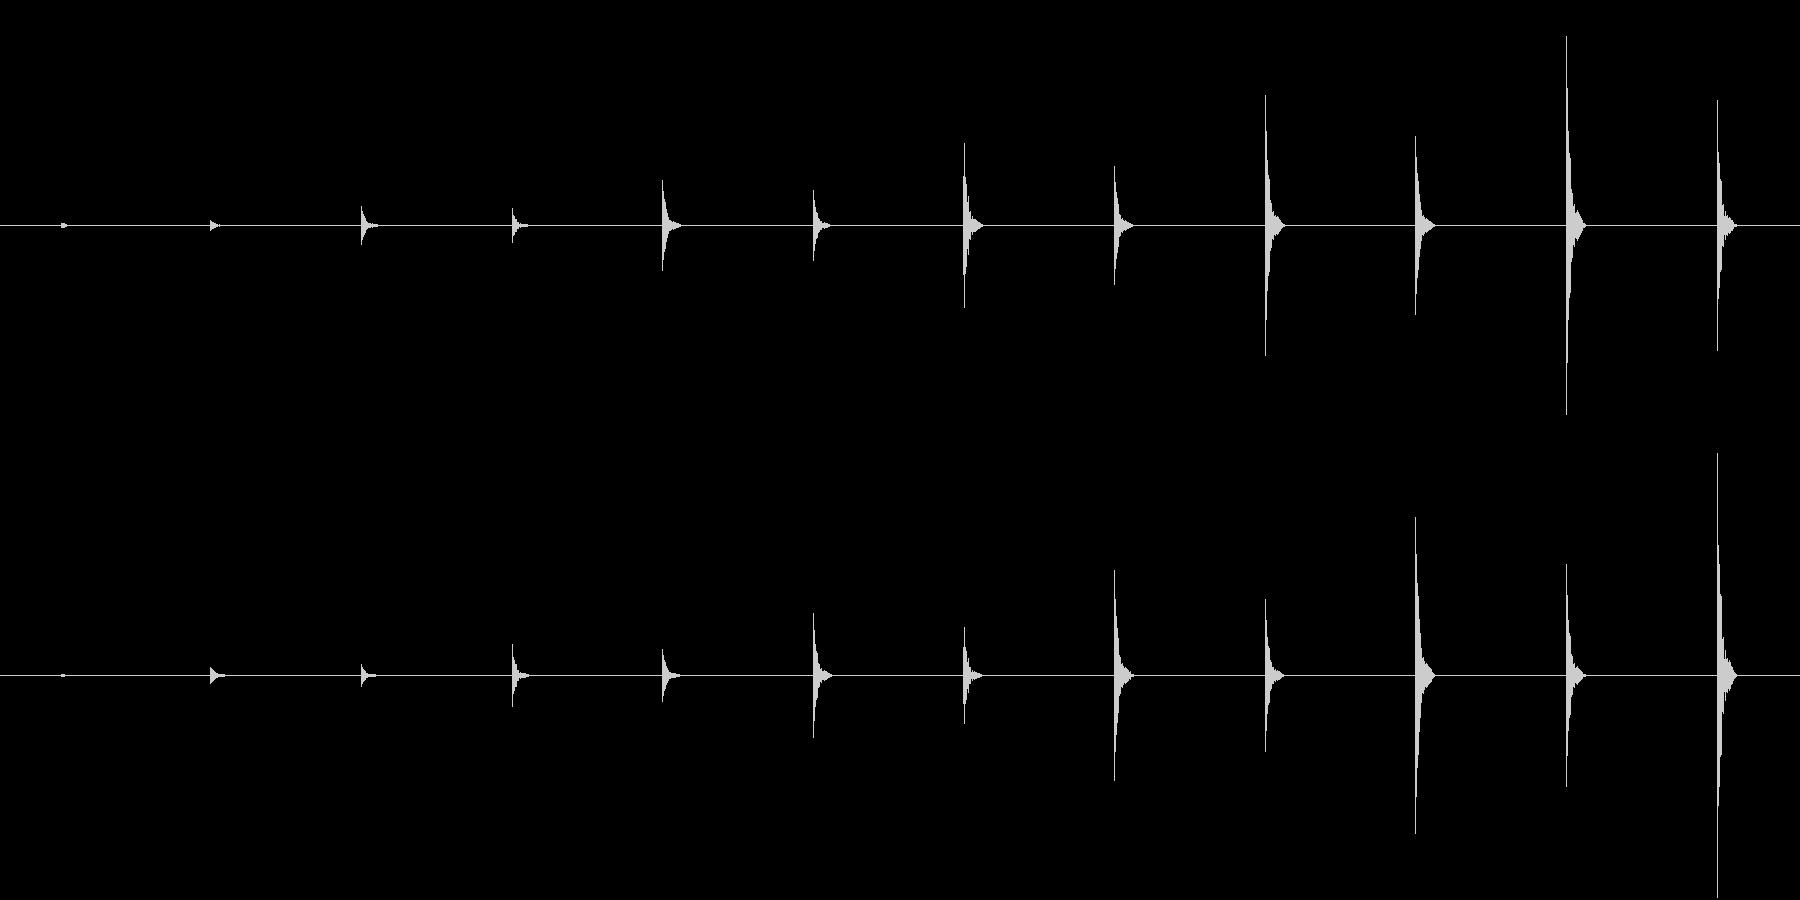 かわいい足音、近づく(ビッビッビ)の未再生の波形